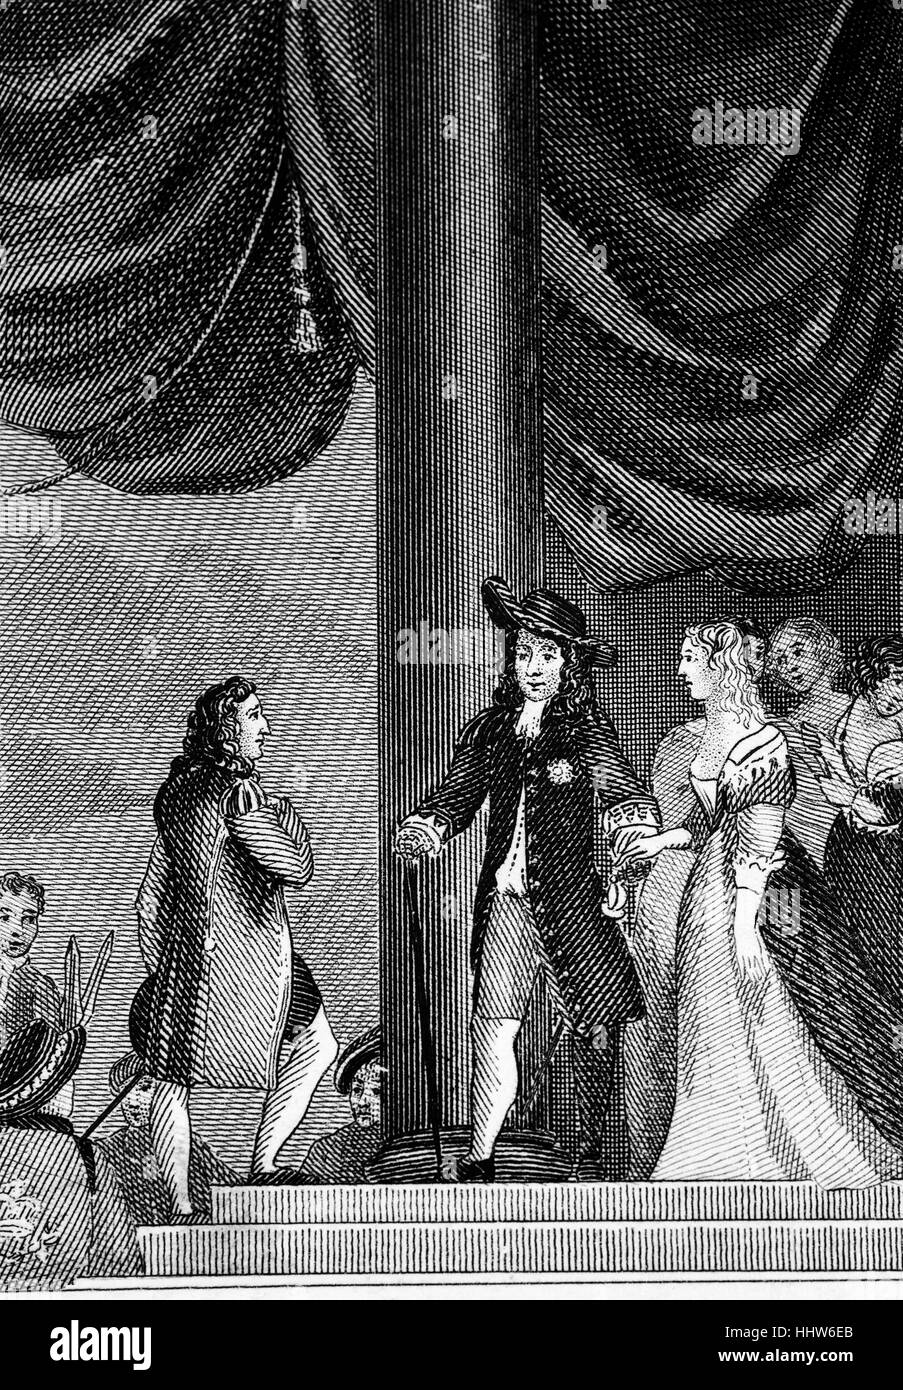 Die Einführung von Lady Mary(1631 – 1660), die älteste Tochter von König Charles I auf Prinz William II. Die Hochzeit fand am 2. Mai 1641 in der Chapel Royal in London aber wurde angeblich nicht seit einigen Jahren vollzogen, weil die Braut erst neun Jahre alt war. Stockfoto